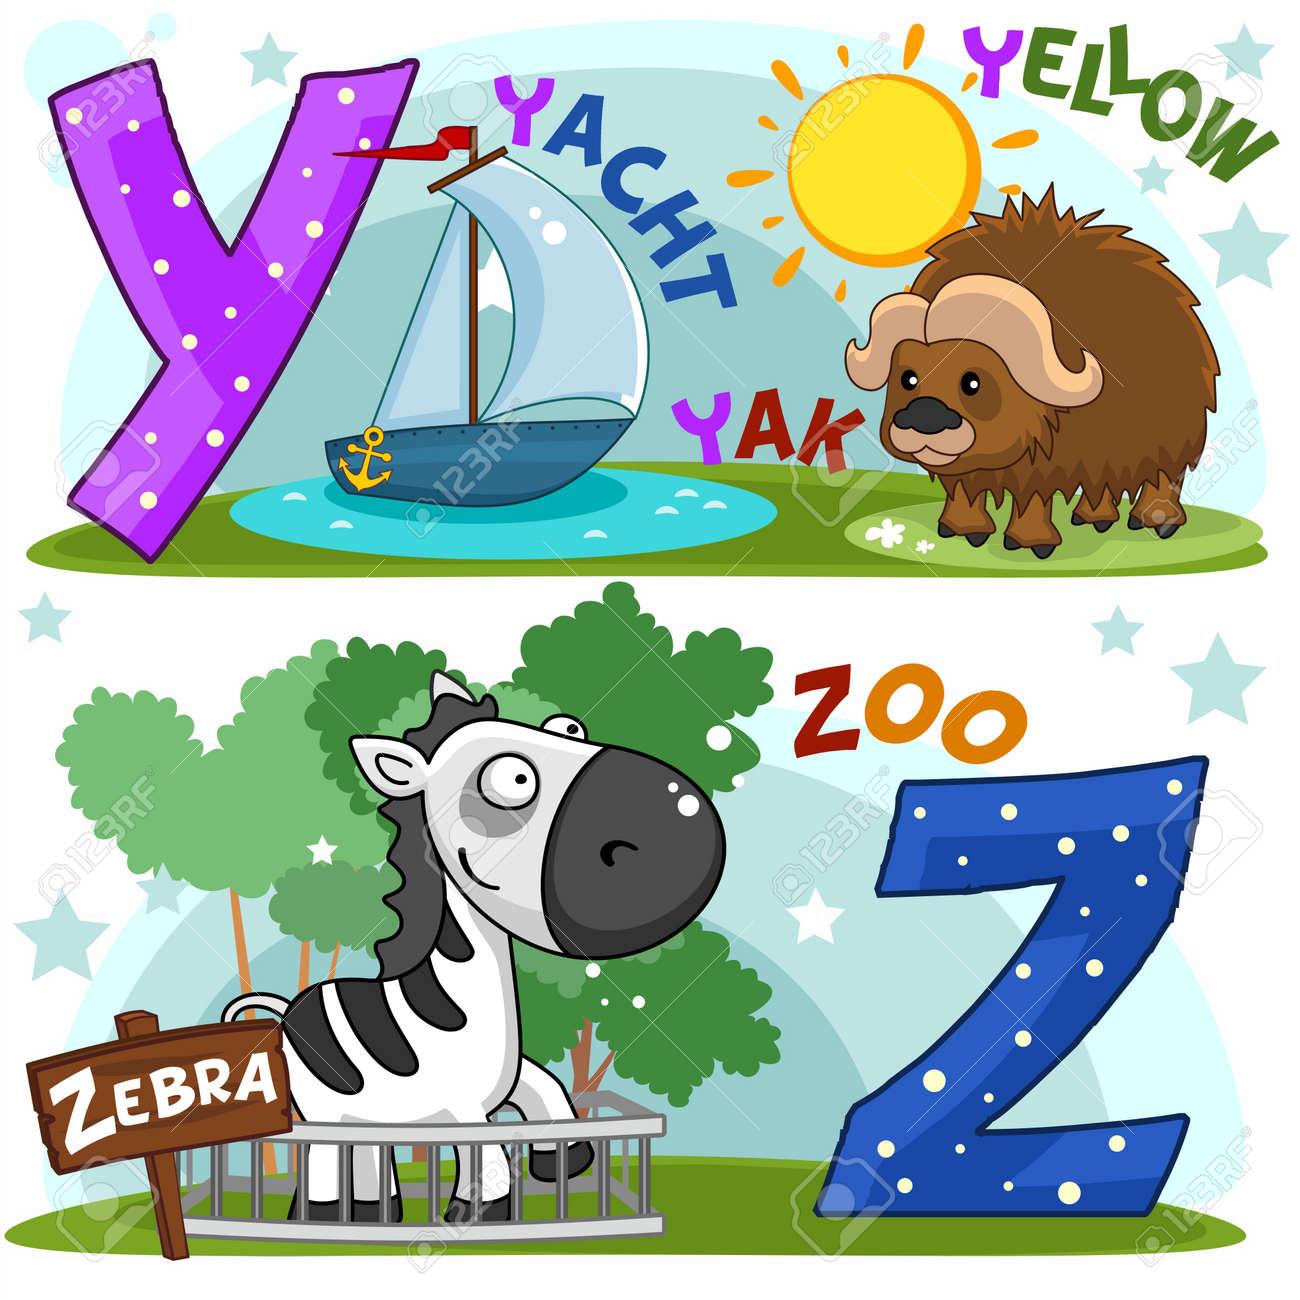 Colorido Alfabeto Ingl S De Dibujos Animados Con Letras Y Y Z Para  -> Sala En Ingles Dibujo